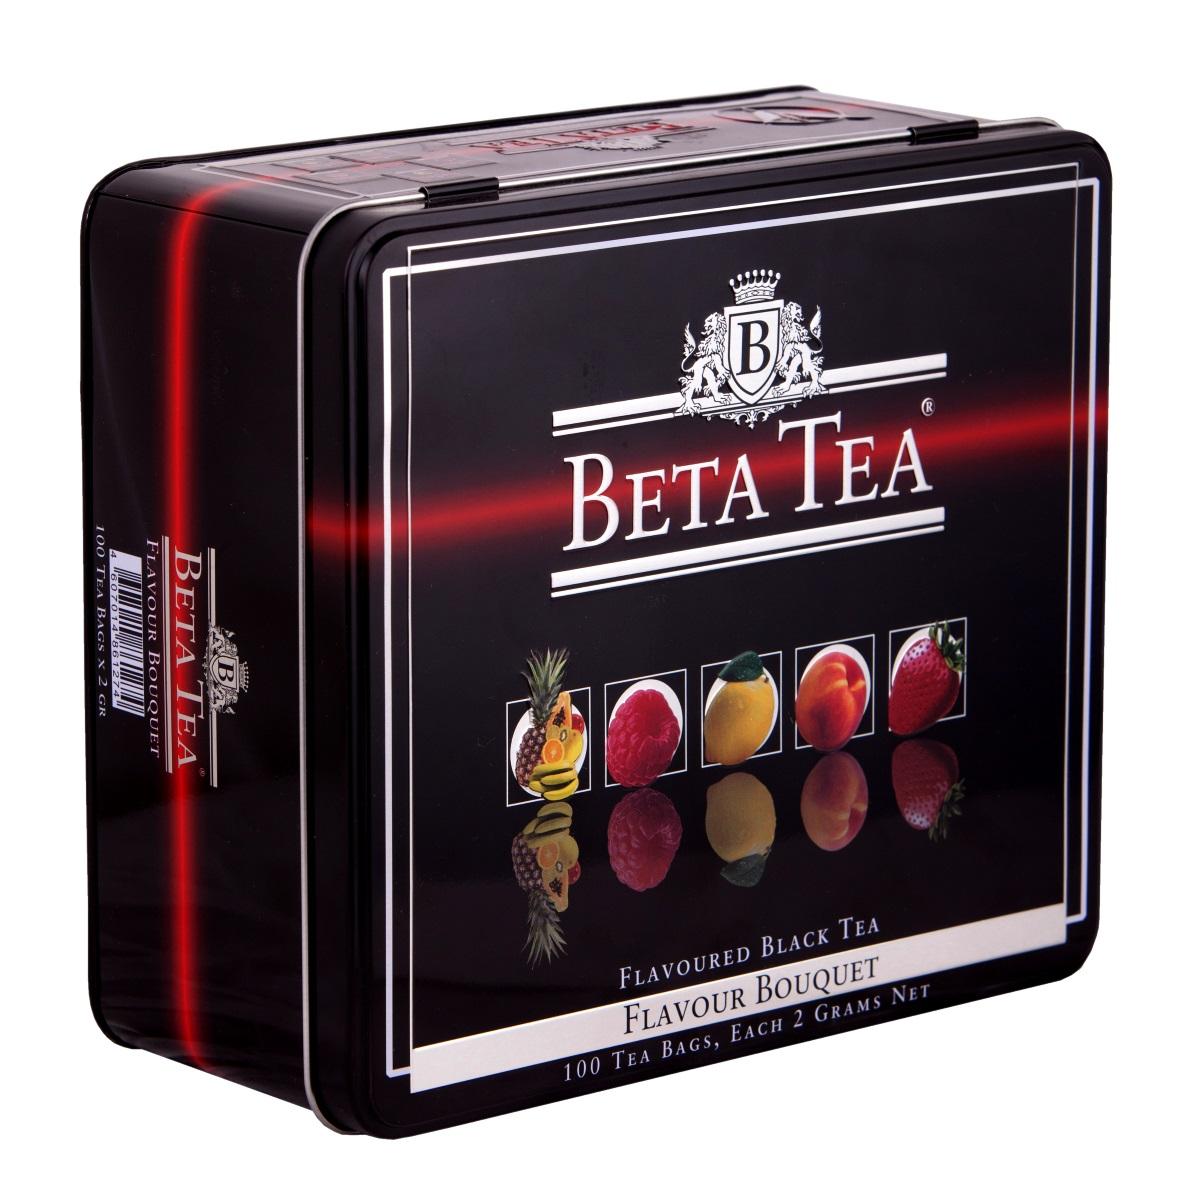 Beta Tea Букет ароматов чайный набор, 100 шт (подарочная упаковка)0120710Совершенный баланс высококачественного черного чая и нежного аромата натуральных фруктов и ягод, продолжительная свежесть и богатство оттенков вкуса делают Beta Tea Букет ароматов не только изумительным тонизирующим, но и великолепным десертным напитком, способным удовлетворить вкусы самых придирчивых чайных гурманов. Набор включает в себя:Чай Beta Tea Малина (20 шт., 40 г.). Он содержит в себе неповторимый аромат малины, что придает напитку изысканный вкус. Этот чай, собранный с самых лучших плантаций Цейлона, производится в экологически чистых условиях при помощи современных технологий.Чай Beta Tea Мультифруктовый (20 шт., 40 г.) с превосходным вкусом в сочетании с фруктовым ароматом доставит удовольствие всем любителям чая. В его состав входит смесь лучших сортов из Индии, Цейлона и Кении.Beta Tea Лимон (20 шт., 40 г.) содержит в себе приятный аромат лимона, что придает чаю изысканный вкус. Этот чай, собранный с самых лучших плантаций Цейлона, производится в экологически чистых условиях при помощи современных технологий.Чай Beta Tea Клубника (20 шт., 40 г.). Он содержит в себе яркий аромат клубники, что придает напитку неповторимый вкус. Этот чай, собранный с самых лучших плантаций Цейлона, производится в экологически чистых условиях при помощи современных технологий.Чай Beta Tea Персик (20 шт., 40 г.). Напиток содержит в себе неповторимый персиковый аромат, что придает ему изысканный вкус. Этот чай, собранный с самых лучших плантаций Цейлона, производится в экологически чистых условиях при помощи современных технологий.